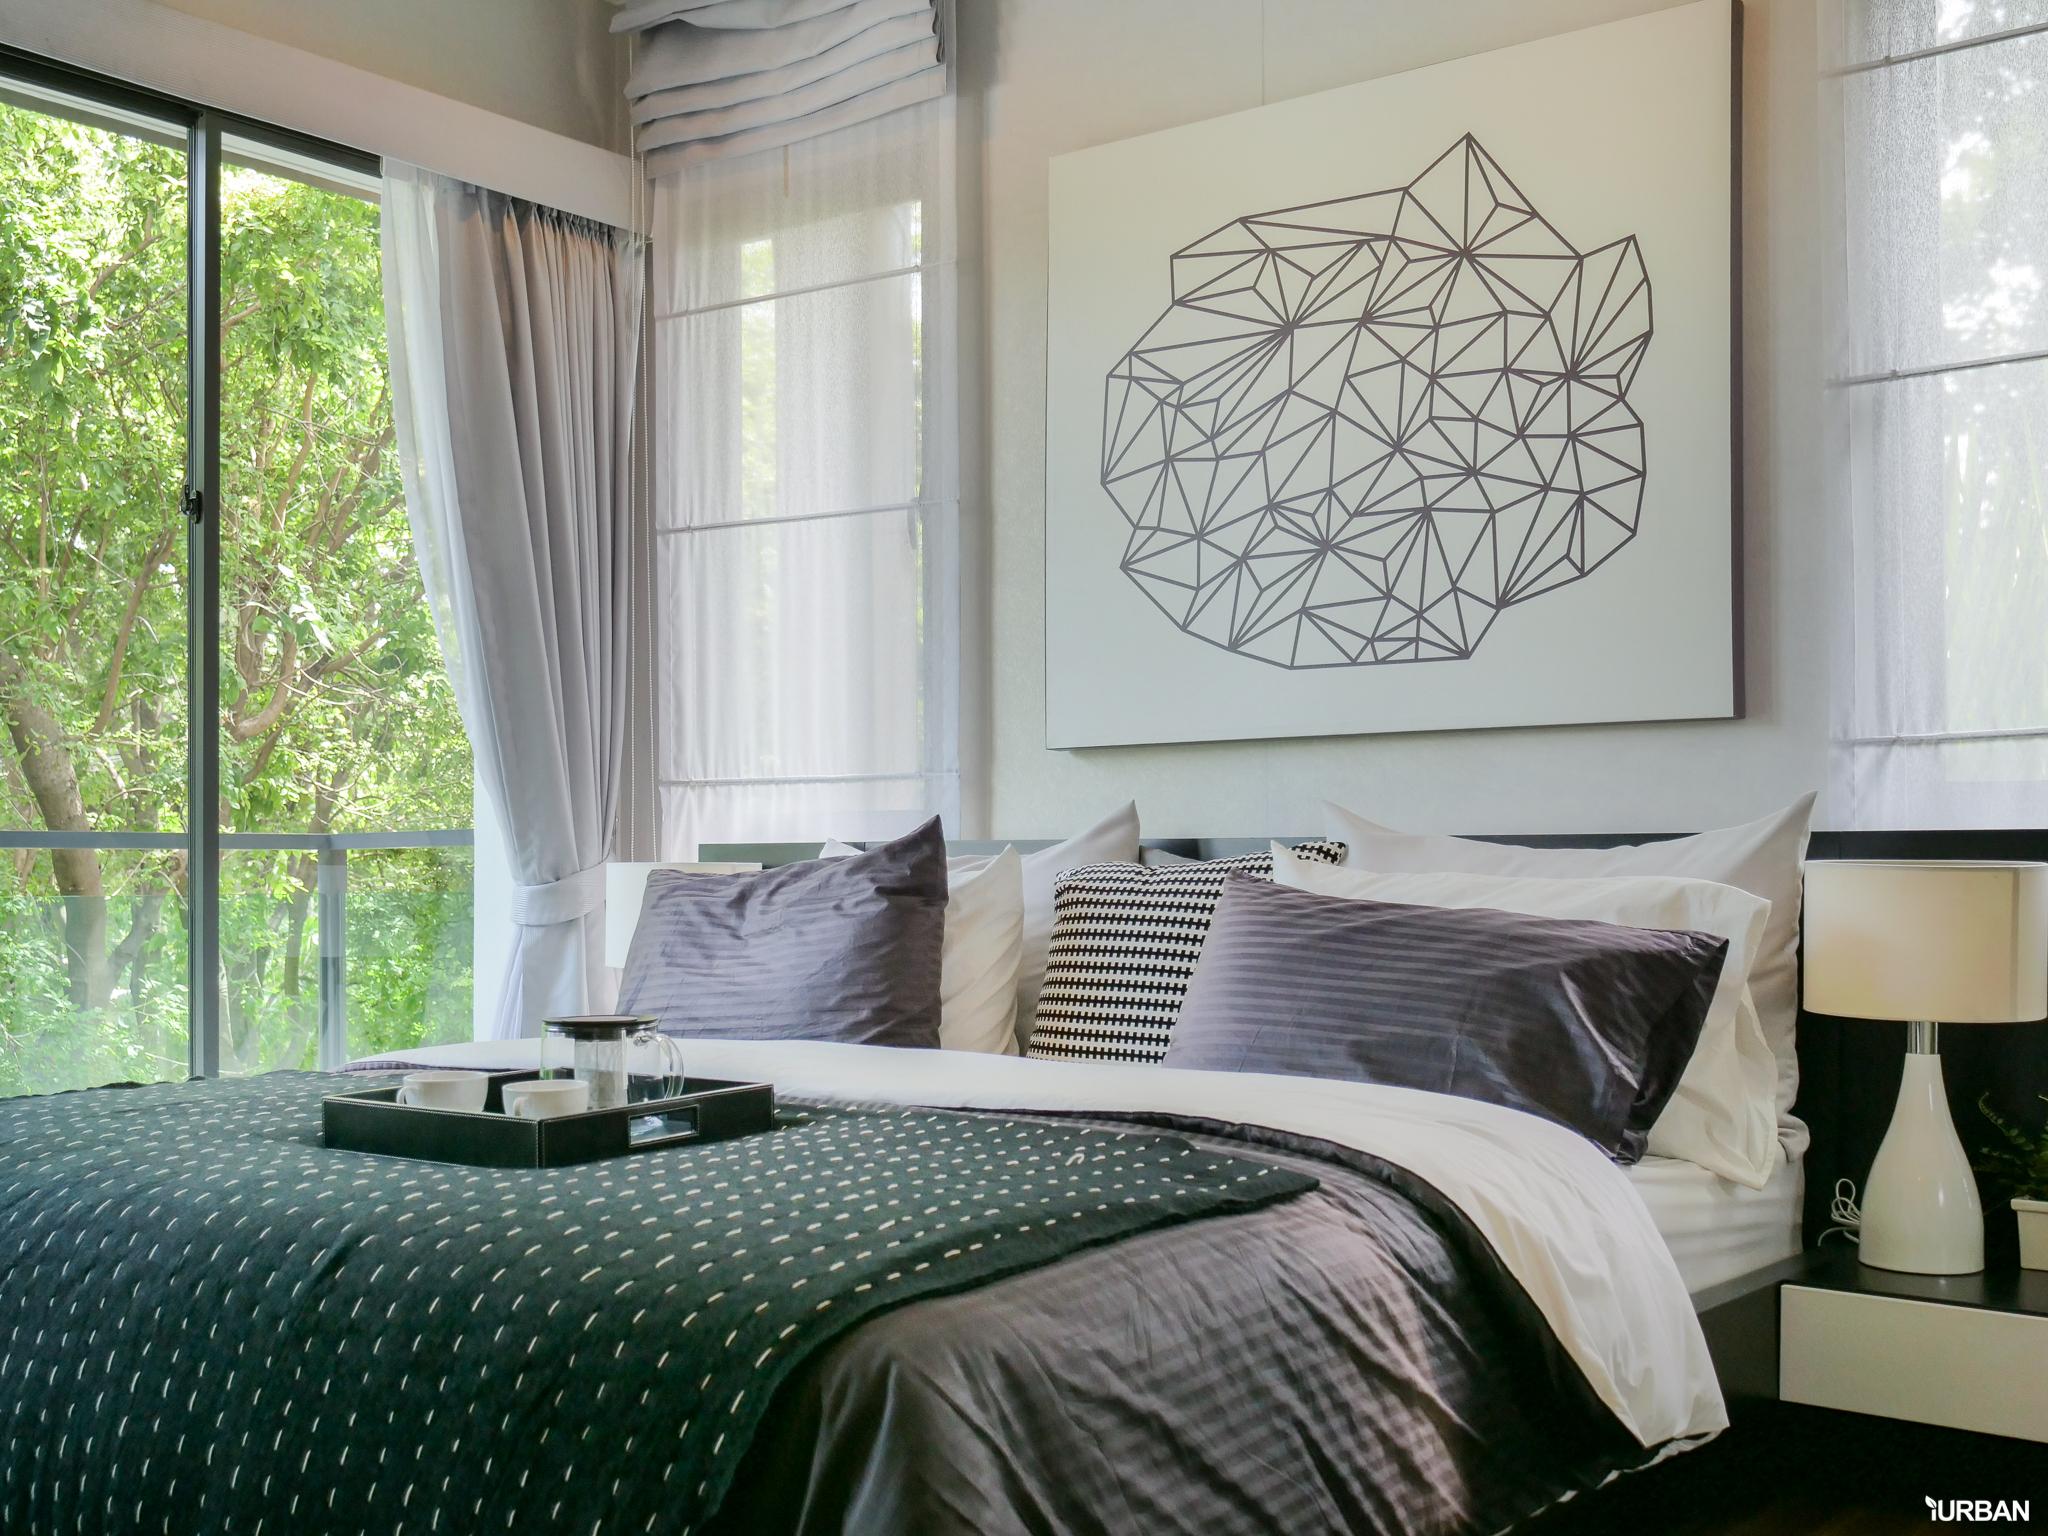 """รีวิว """"ฮาบิเทีย พาร์ค เทียนทะเล 28"""" ที่ดิน 100 ตร.ว. ทำเลพระราม 2 จากแสนสิริ 162 - 4 Bedrooms"""